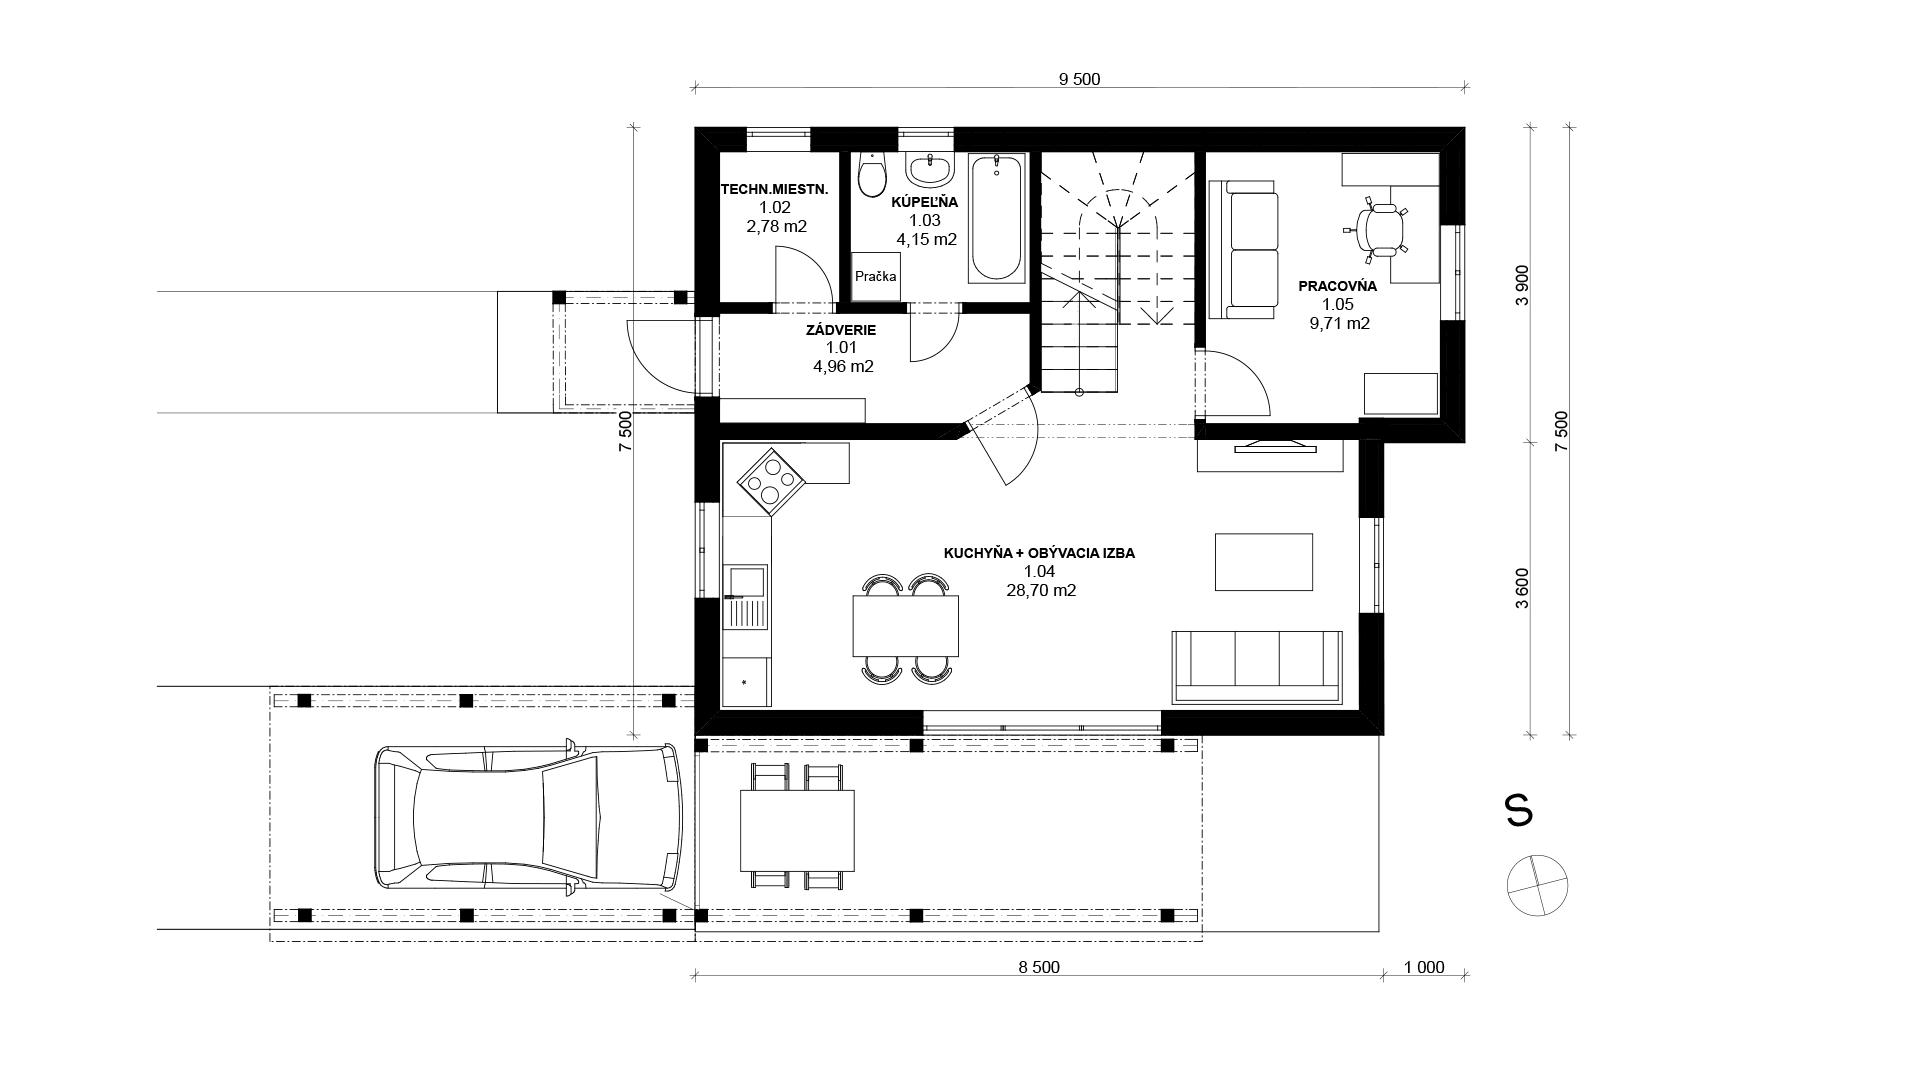 Karta-domu-Richie_05_zelená stavba